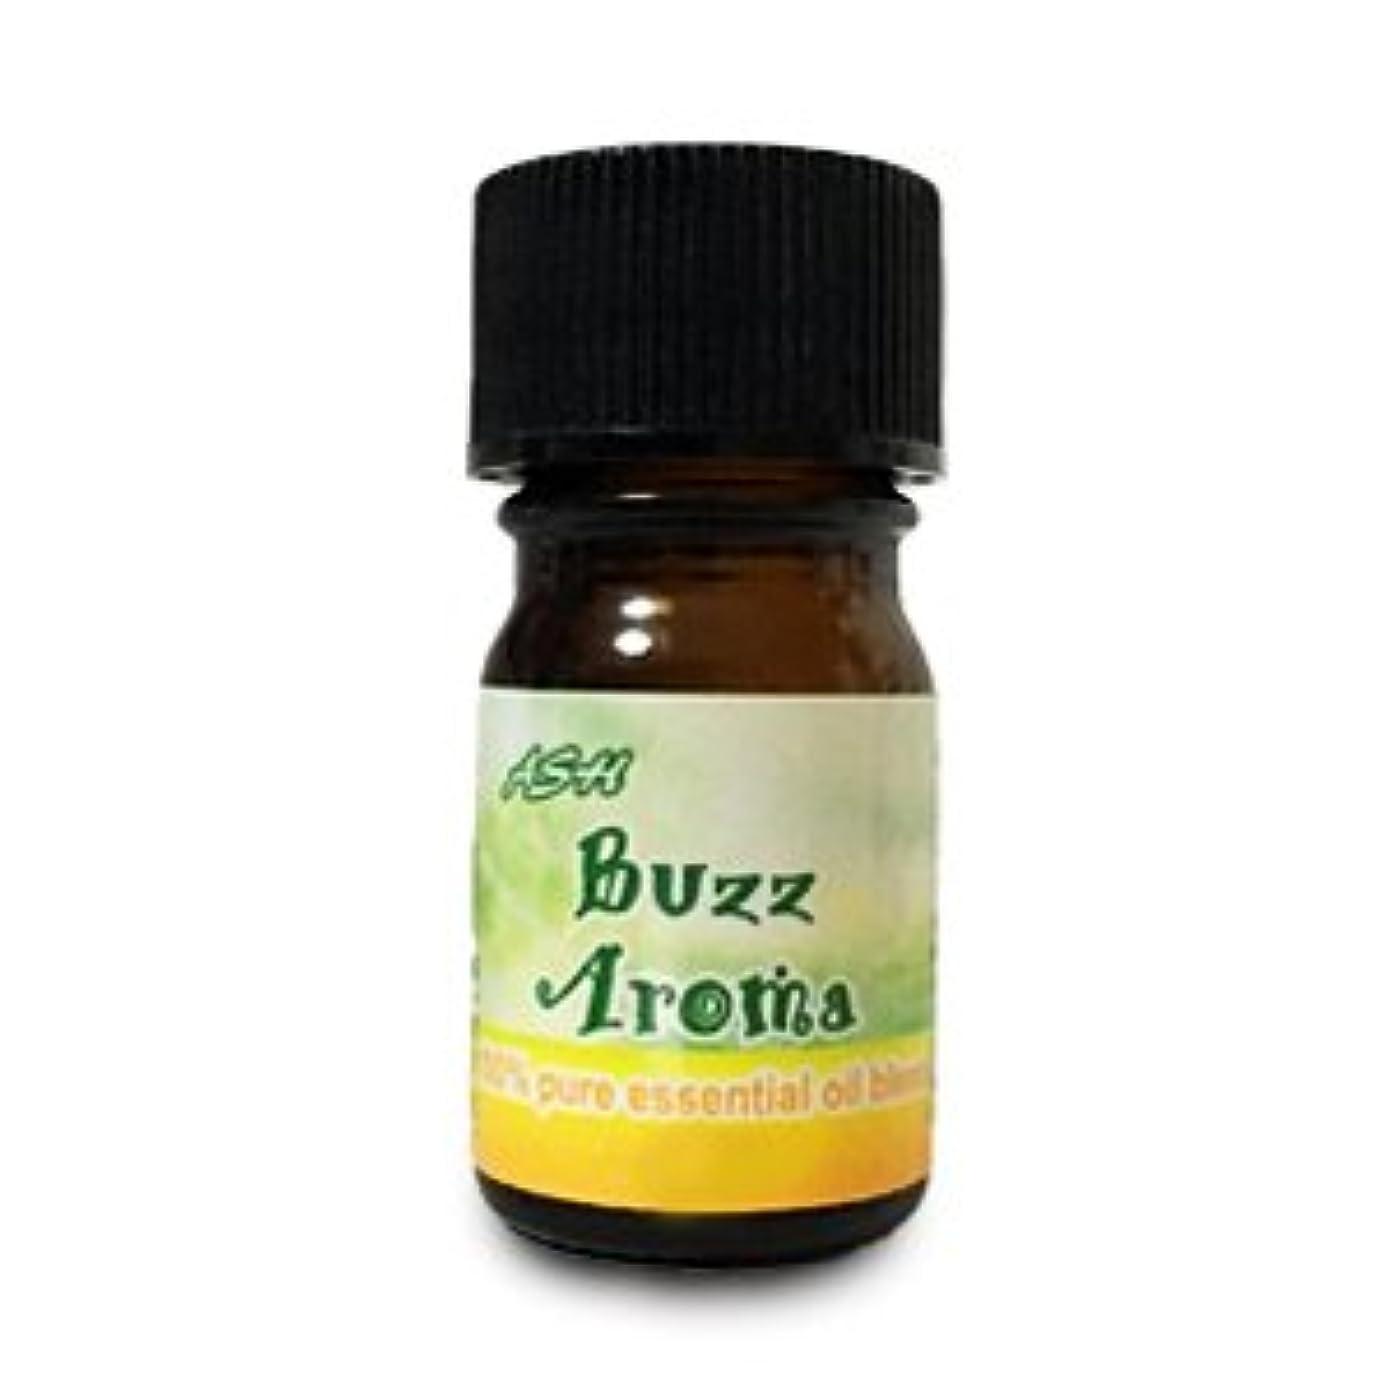 うがい部屋を掃除する質素なASH Buzz Aroma(アンチモスキート) エッセンシャルオイルブレンド5ml 虫除け対策 (真正ラベンダー レモングラス ティートゥリー ユーカリ)